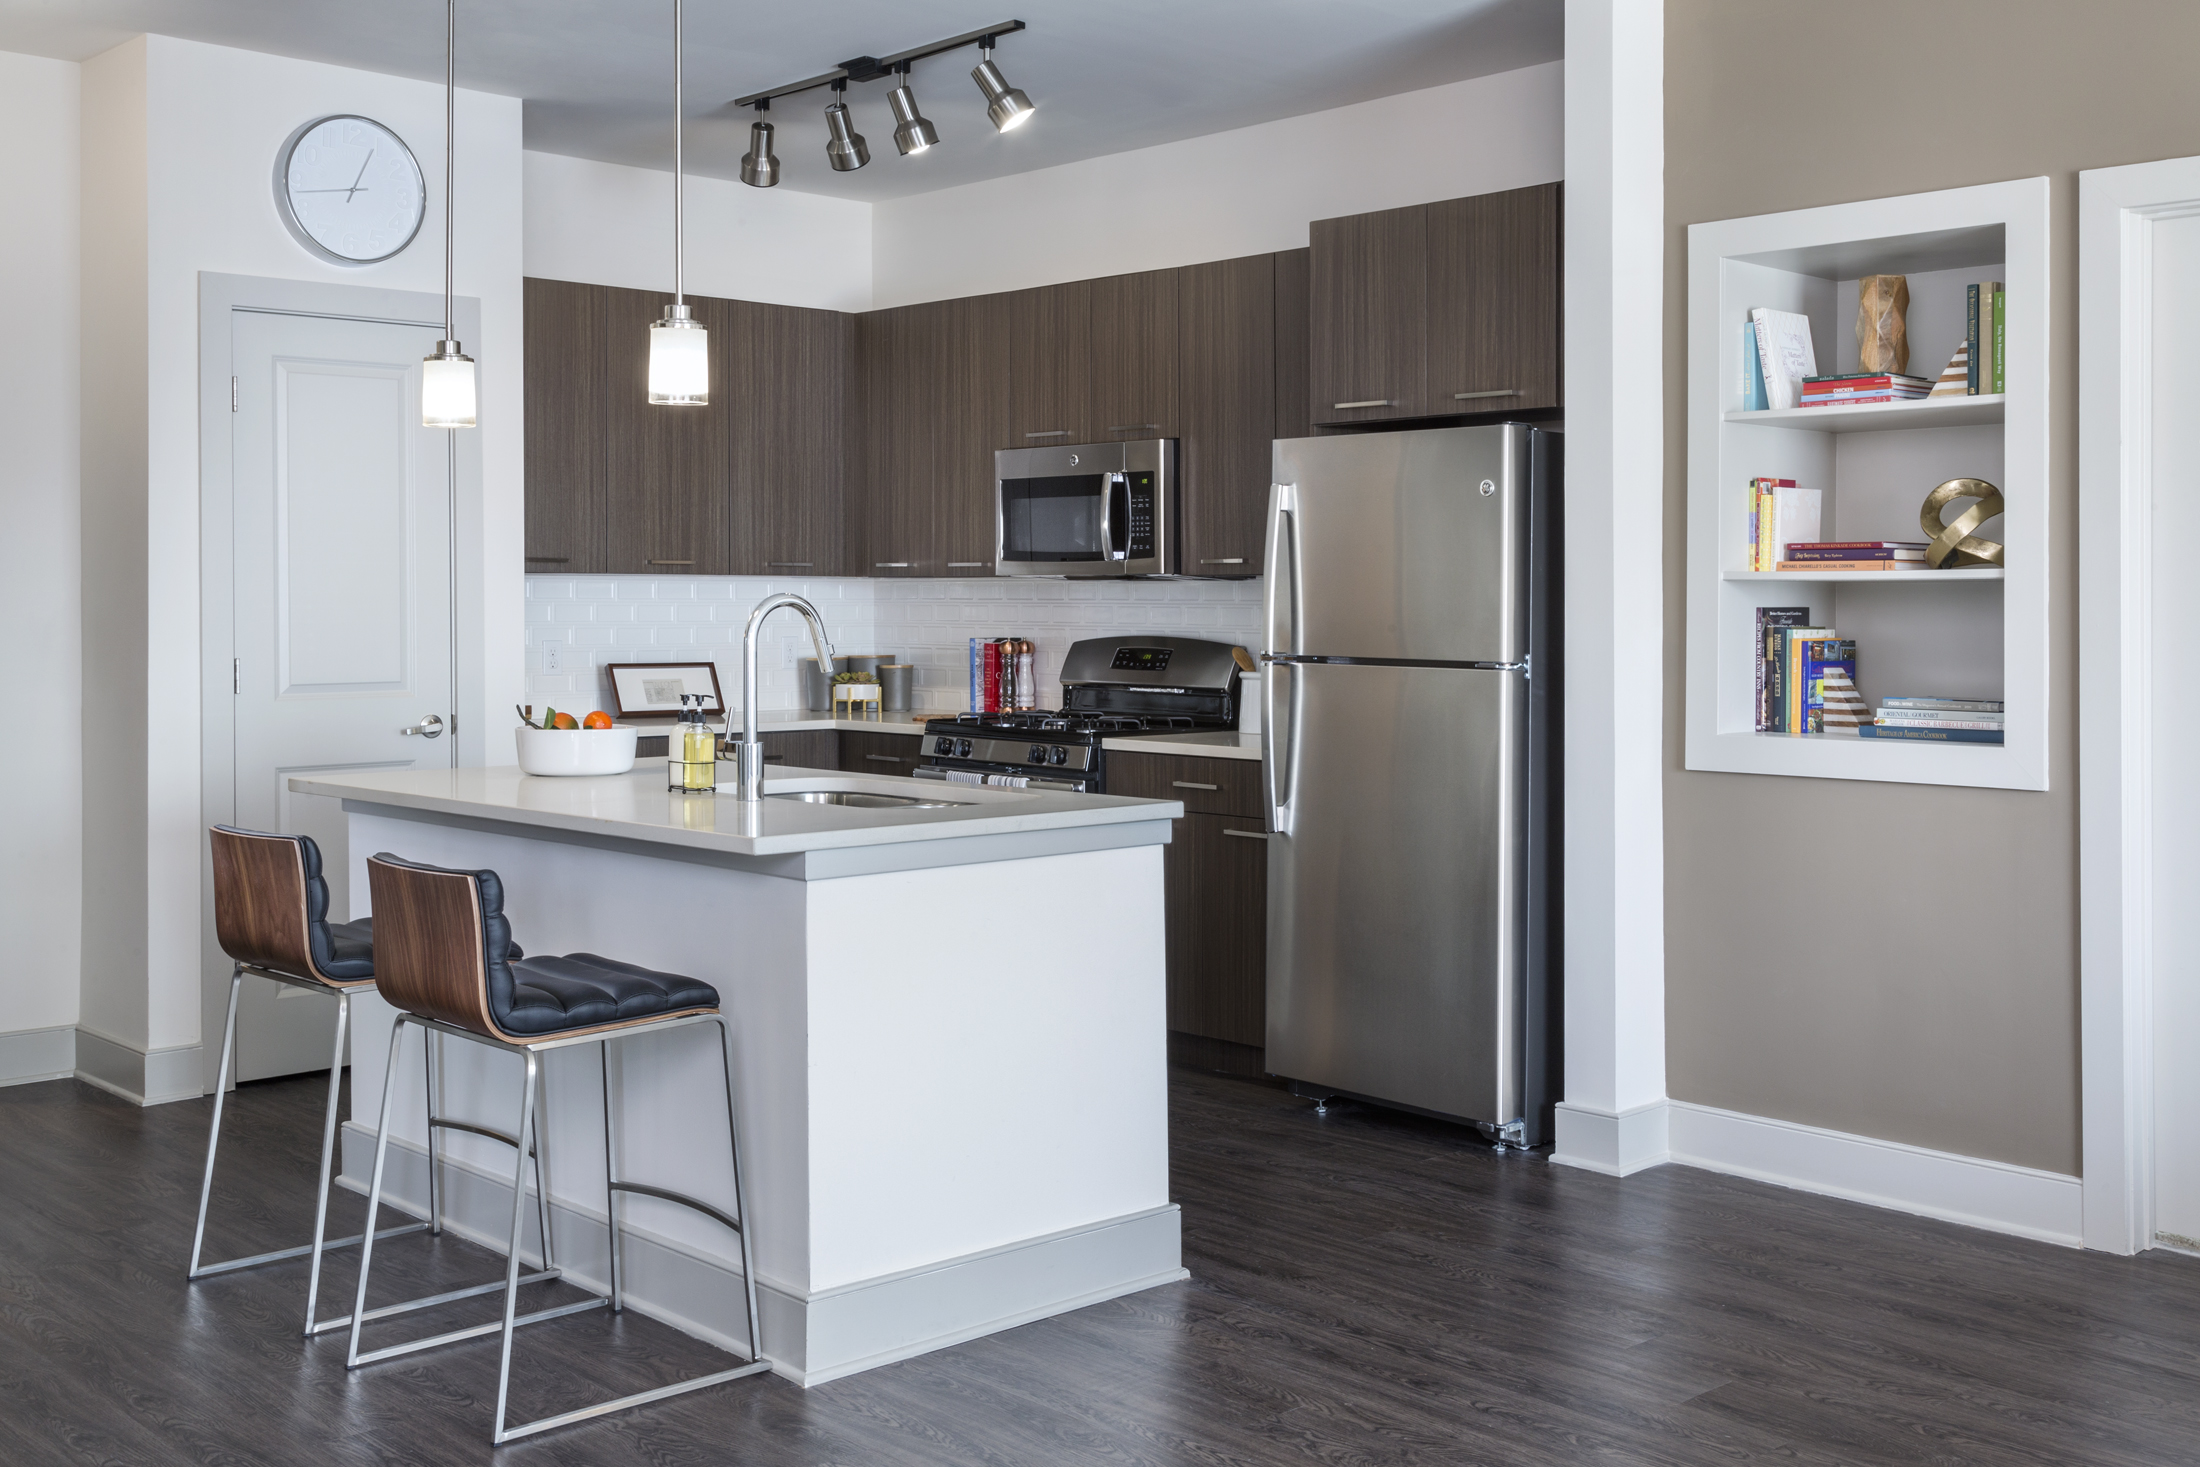 Talia Residences  Marlborough MA  Fairfield Residential   Back to Portfolios